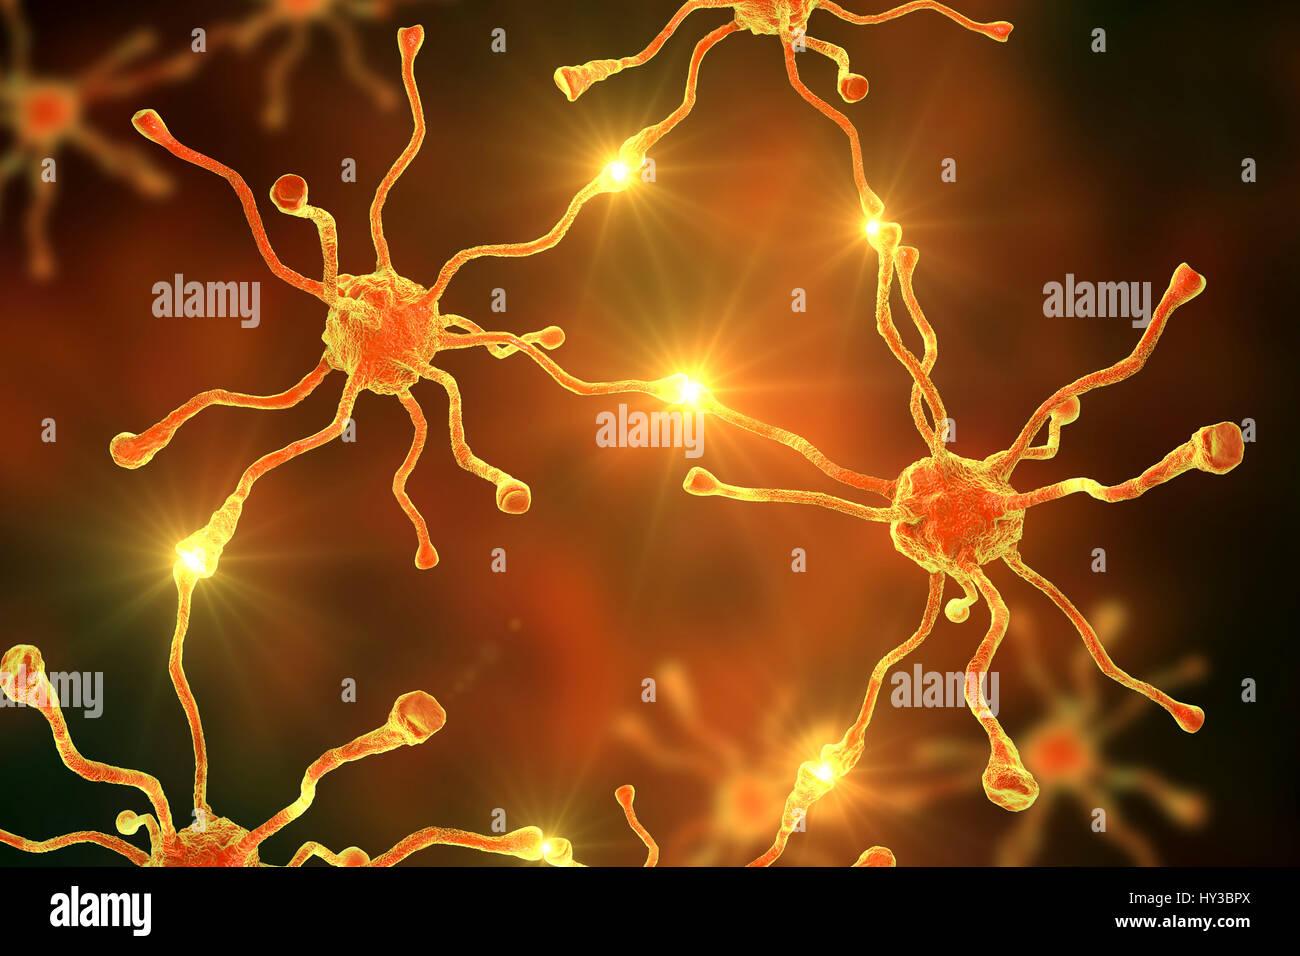 Les cellules nerveuses, ou neurones, dans le cerveau humain, l'illustration de l'ordinateur. Photo Stock